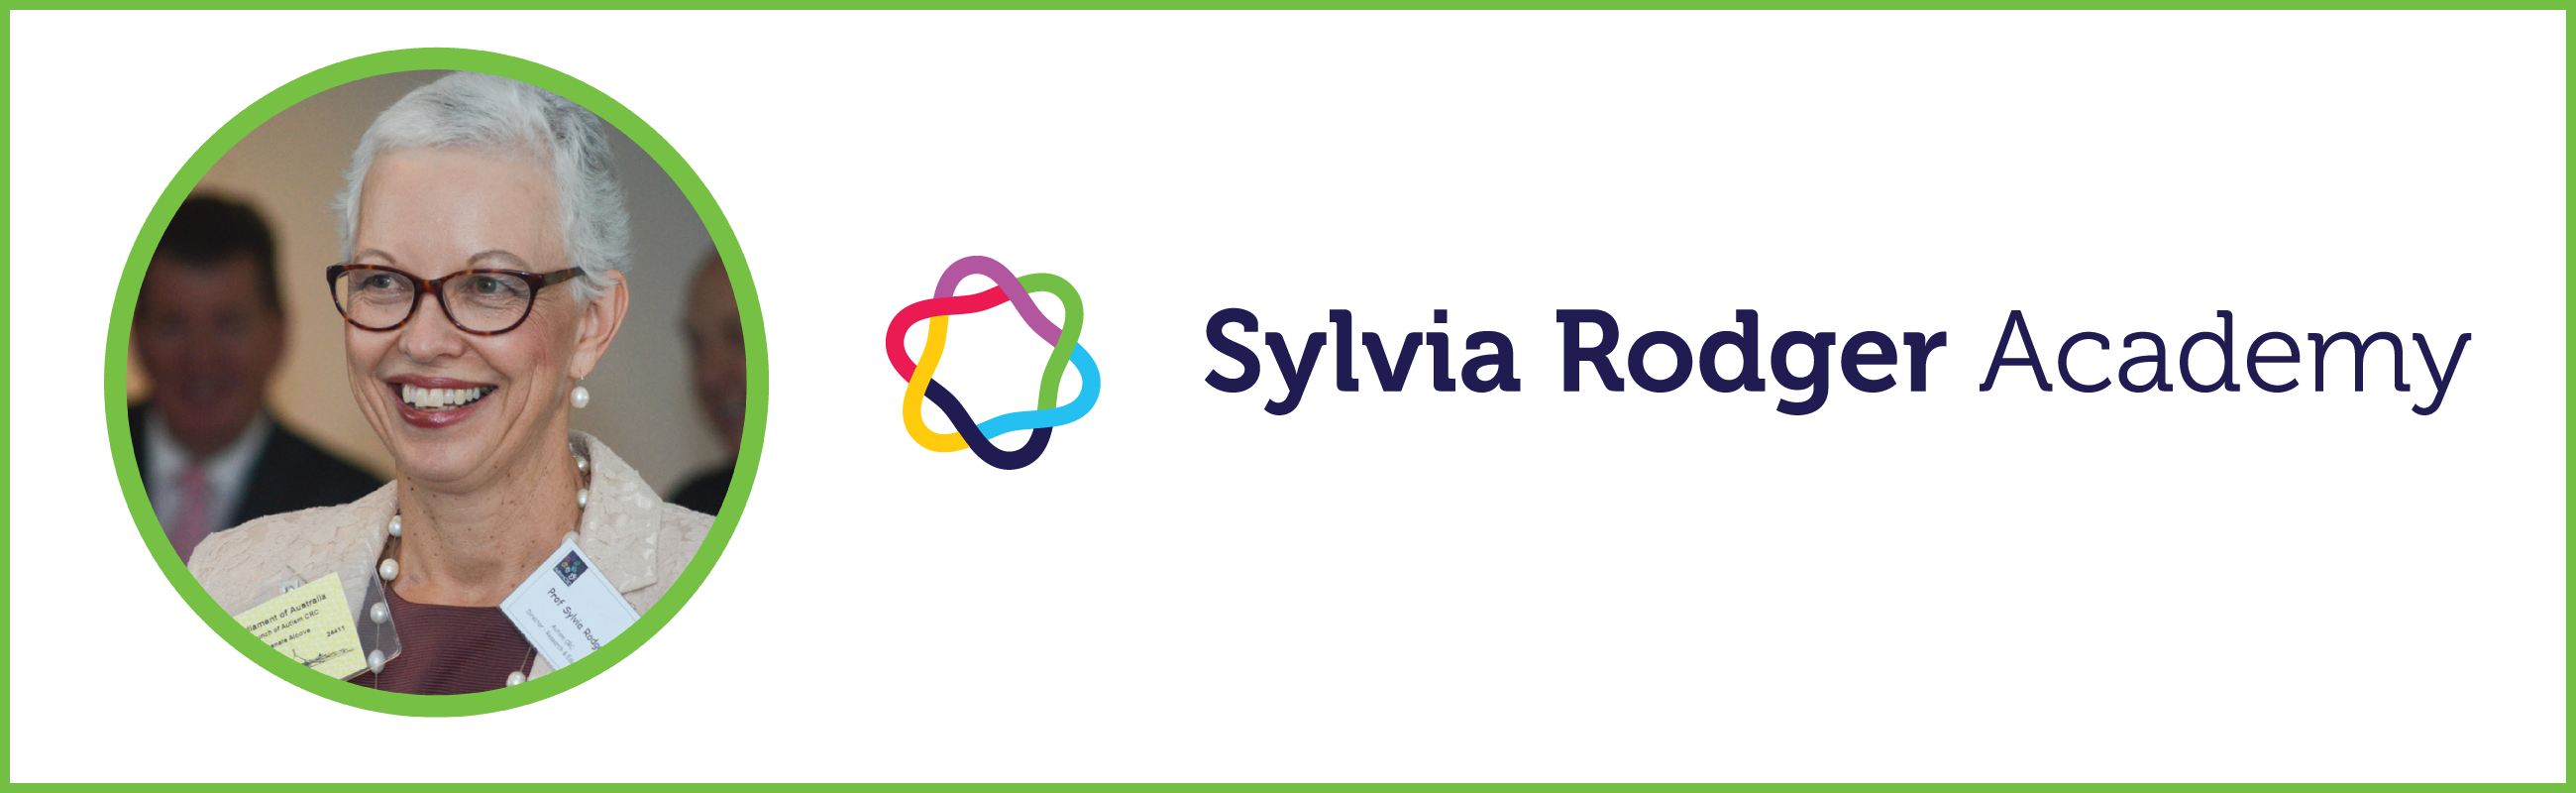 Sylvia Rodger Academy